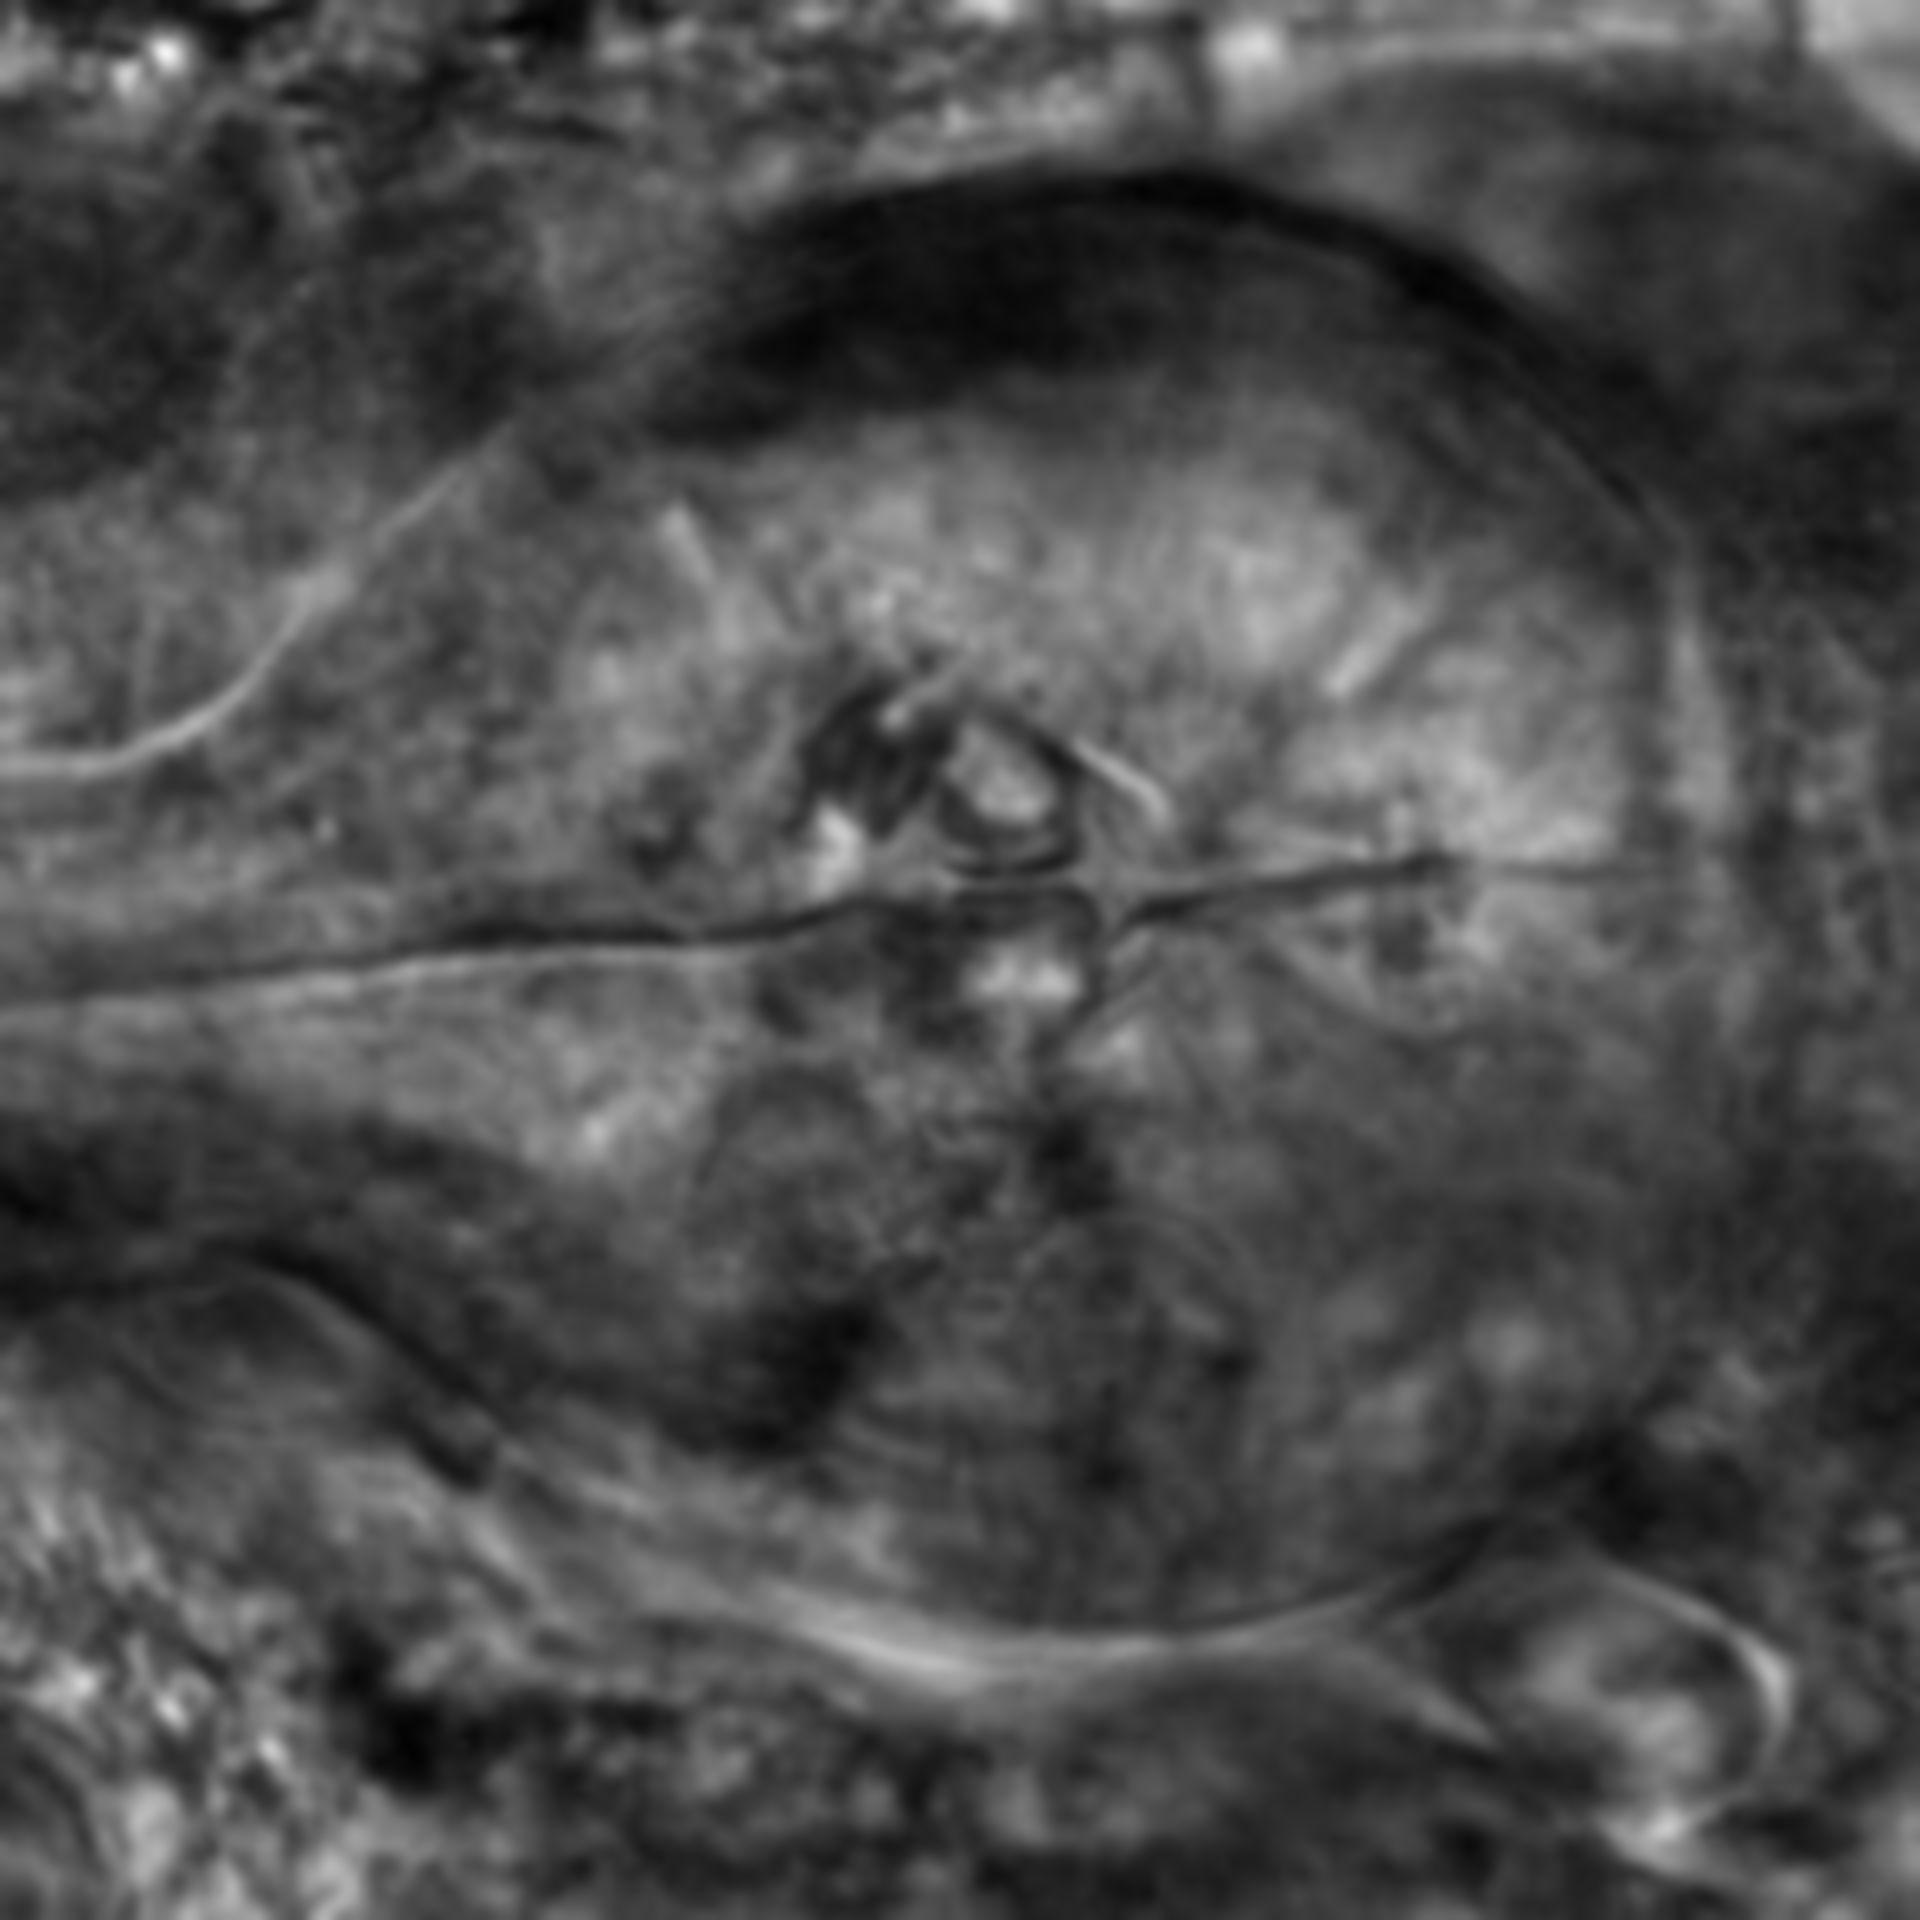 Caenorhabditis elegans - CIL:2309